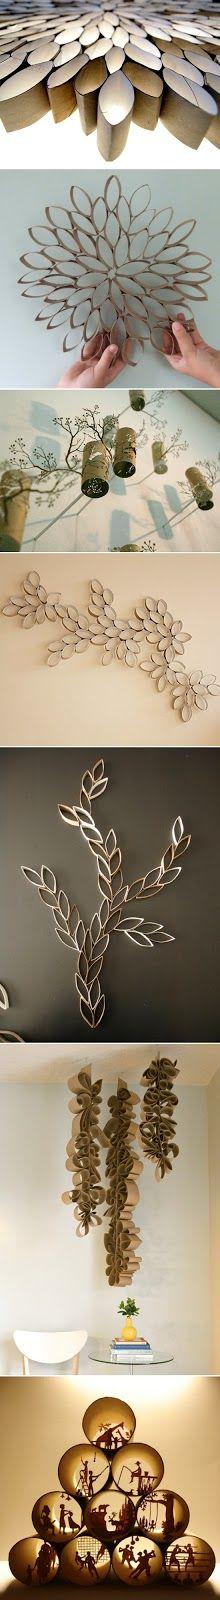 childmade        La de usos que podemos darle a las cosas!!!! Os damos algunas ideas decorativas, pero también se pueden otras muy prácti...